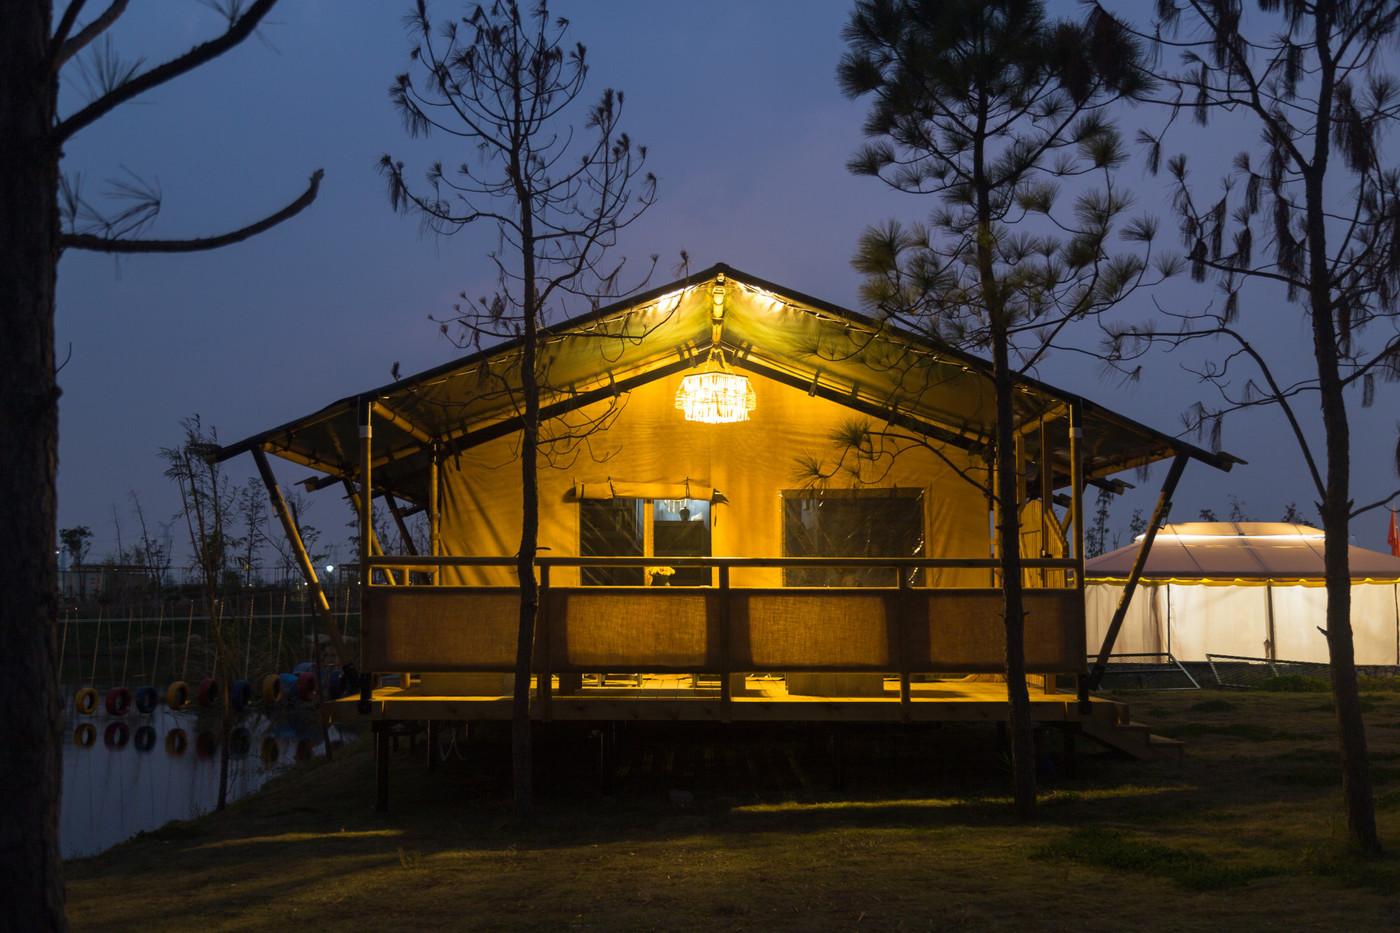 喜马拉雅野奢帐篷酒店—浙江留香之家露营地帐篷酒店(78平)14